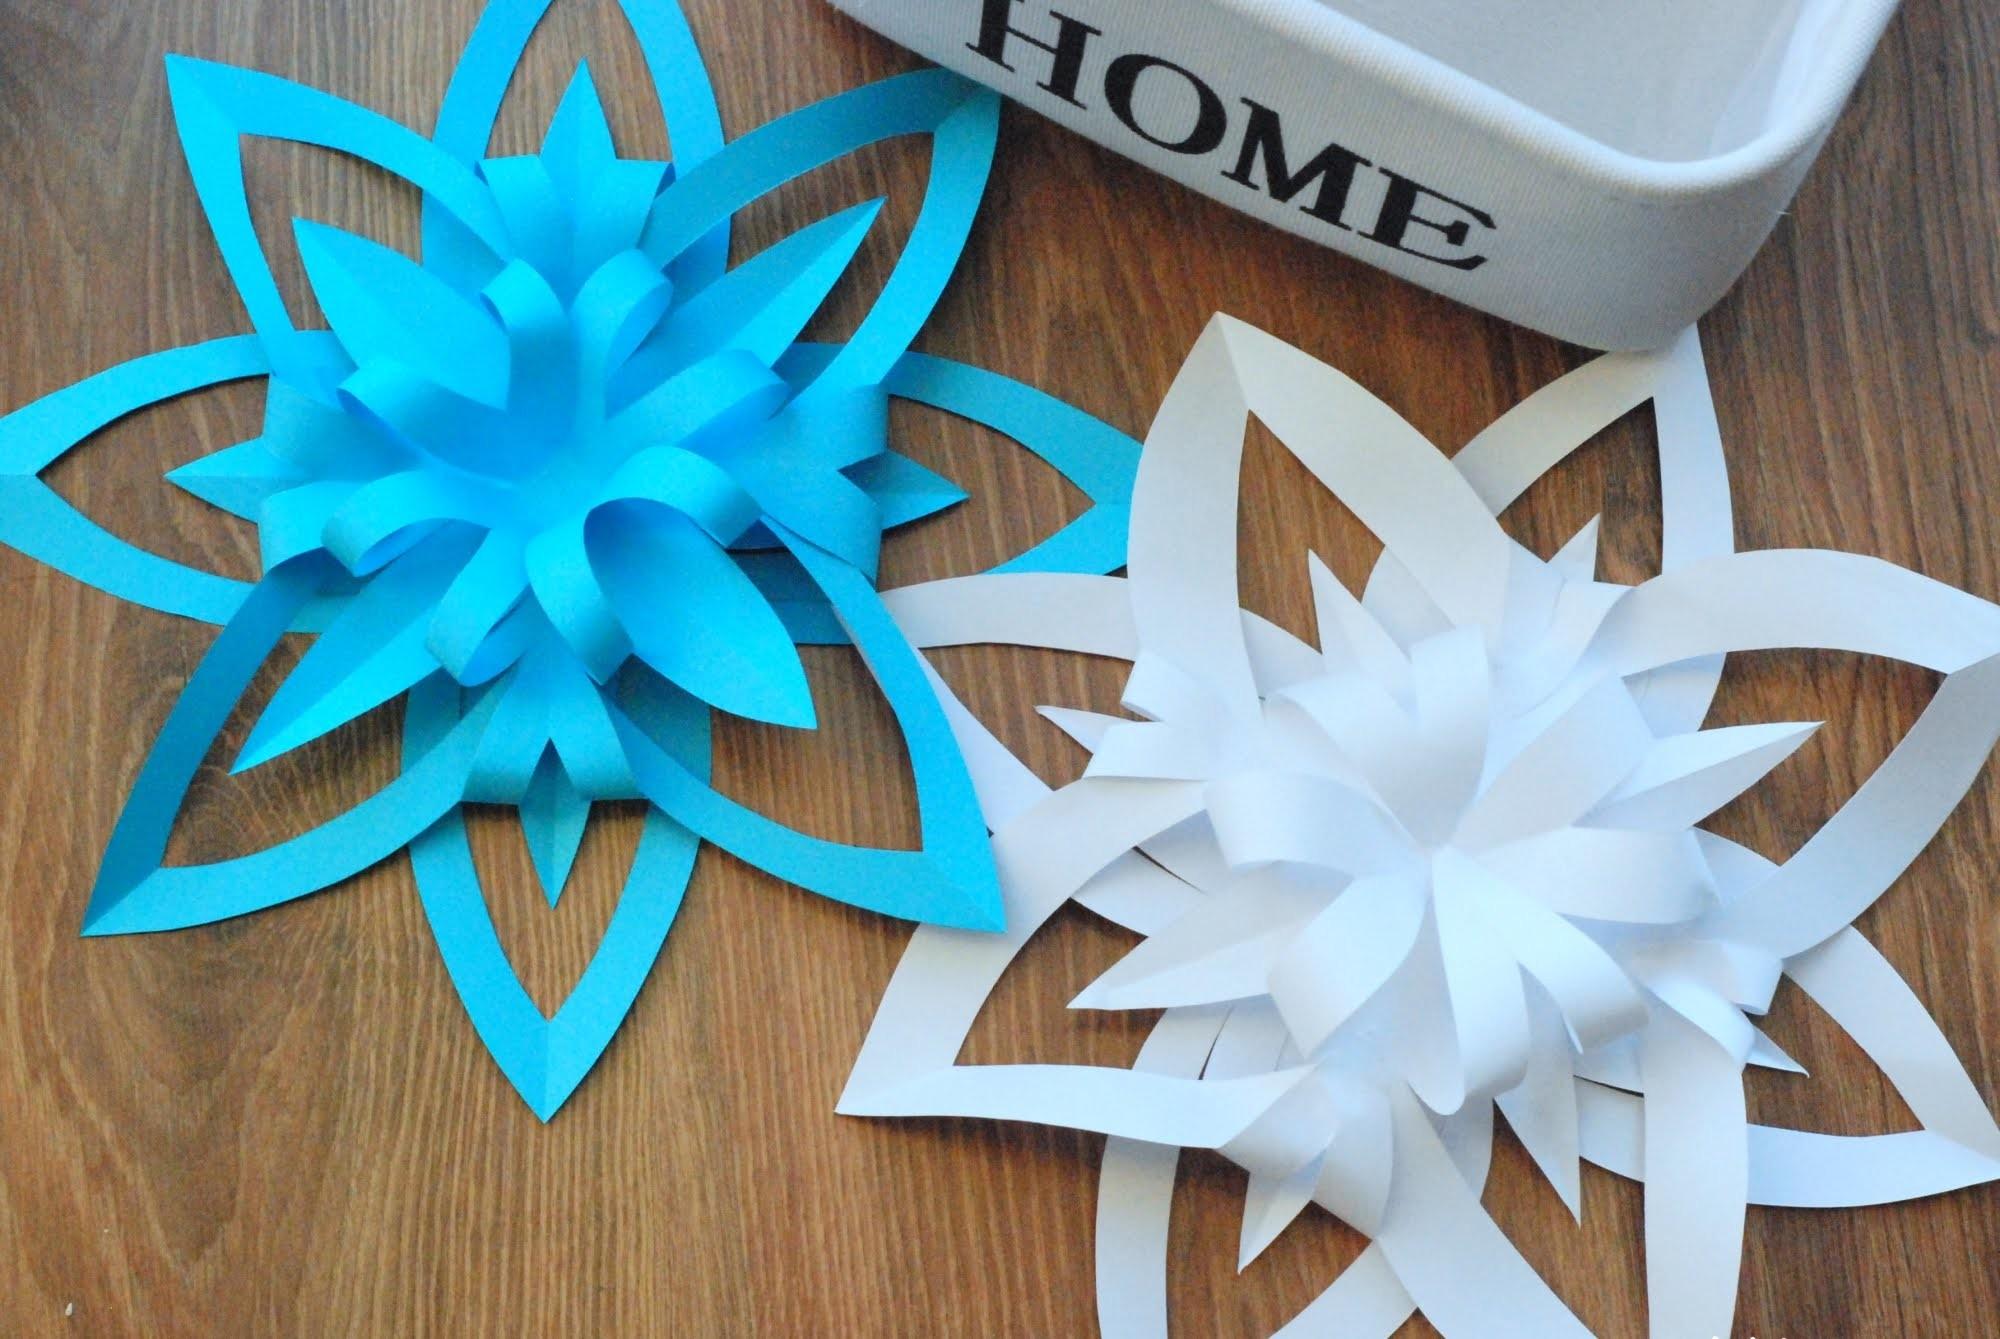 Jak zrobić trójwymiarową śnieżynkę z papieru. How to make a 3D Paper Snowflake